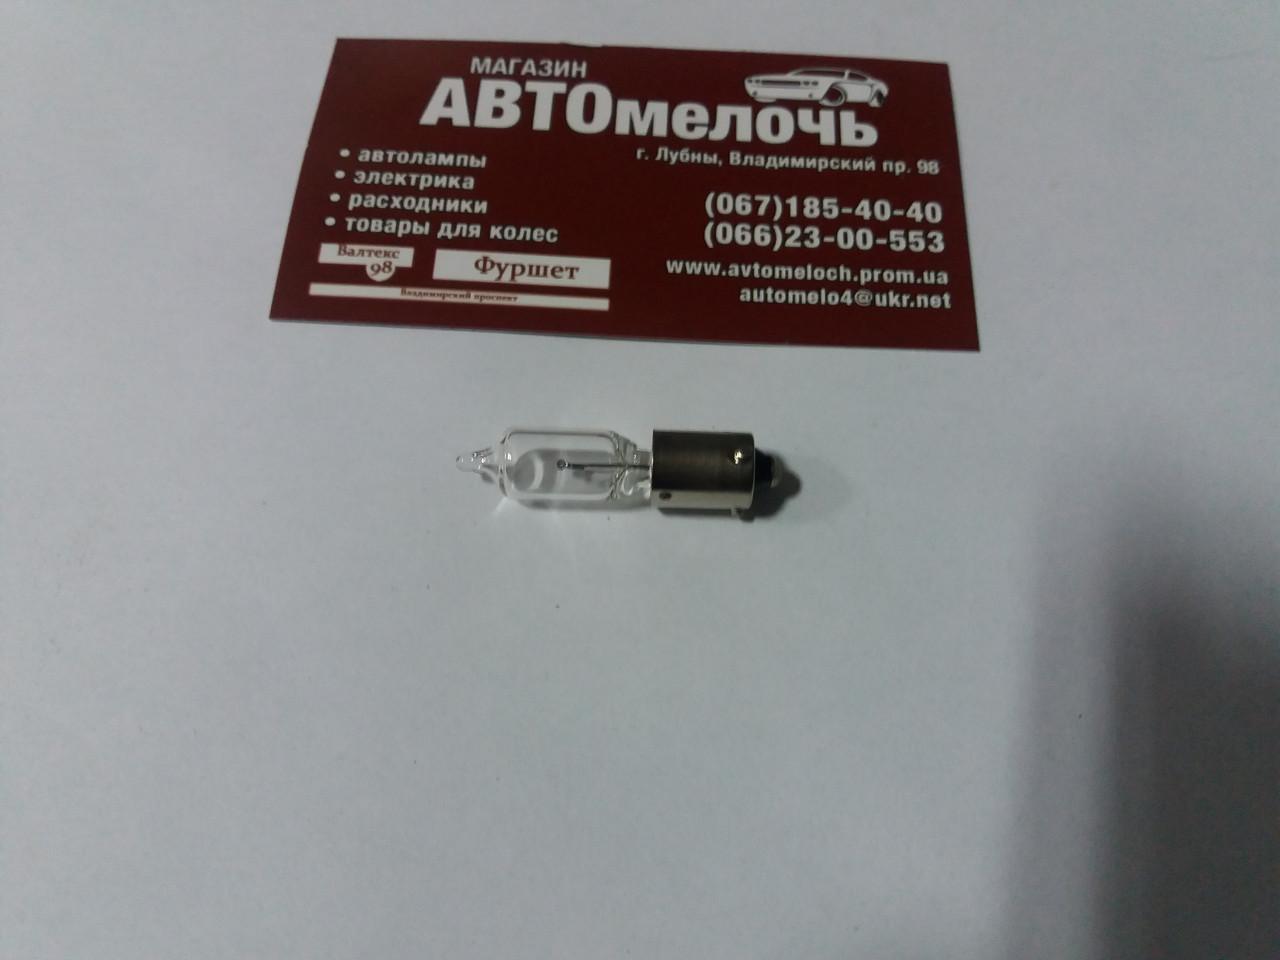 Лампа габаритная  24V 21W 1 контакт смещенный цоколь пр-во Magneti Marelli